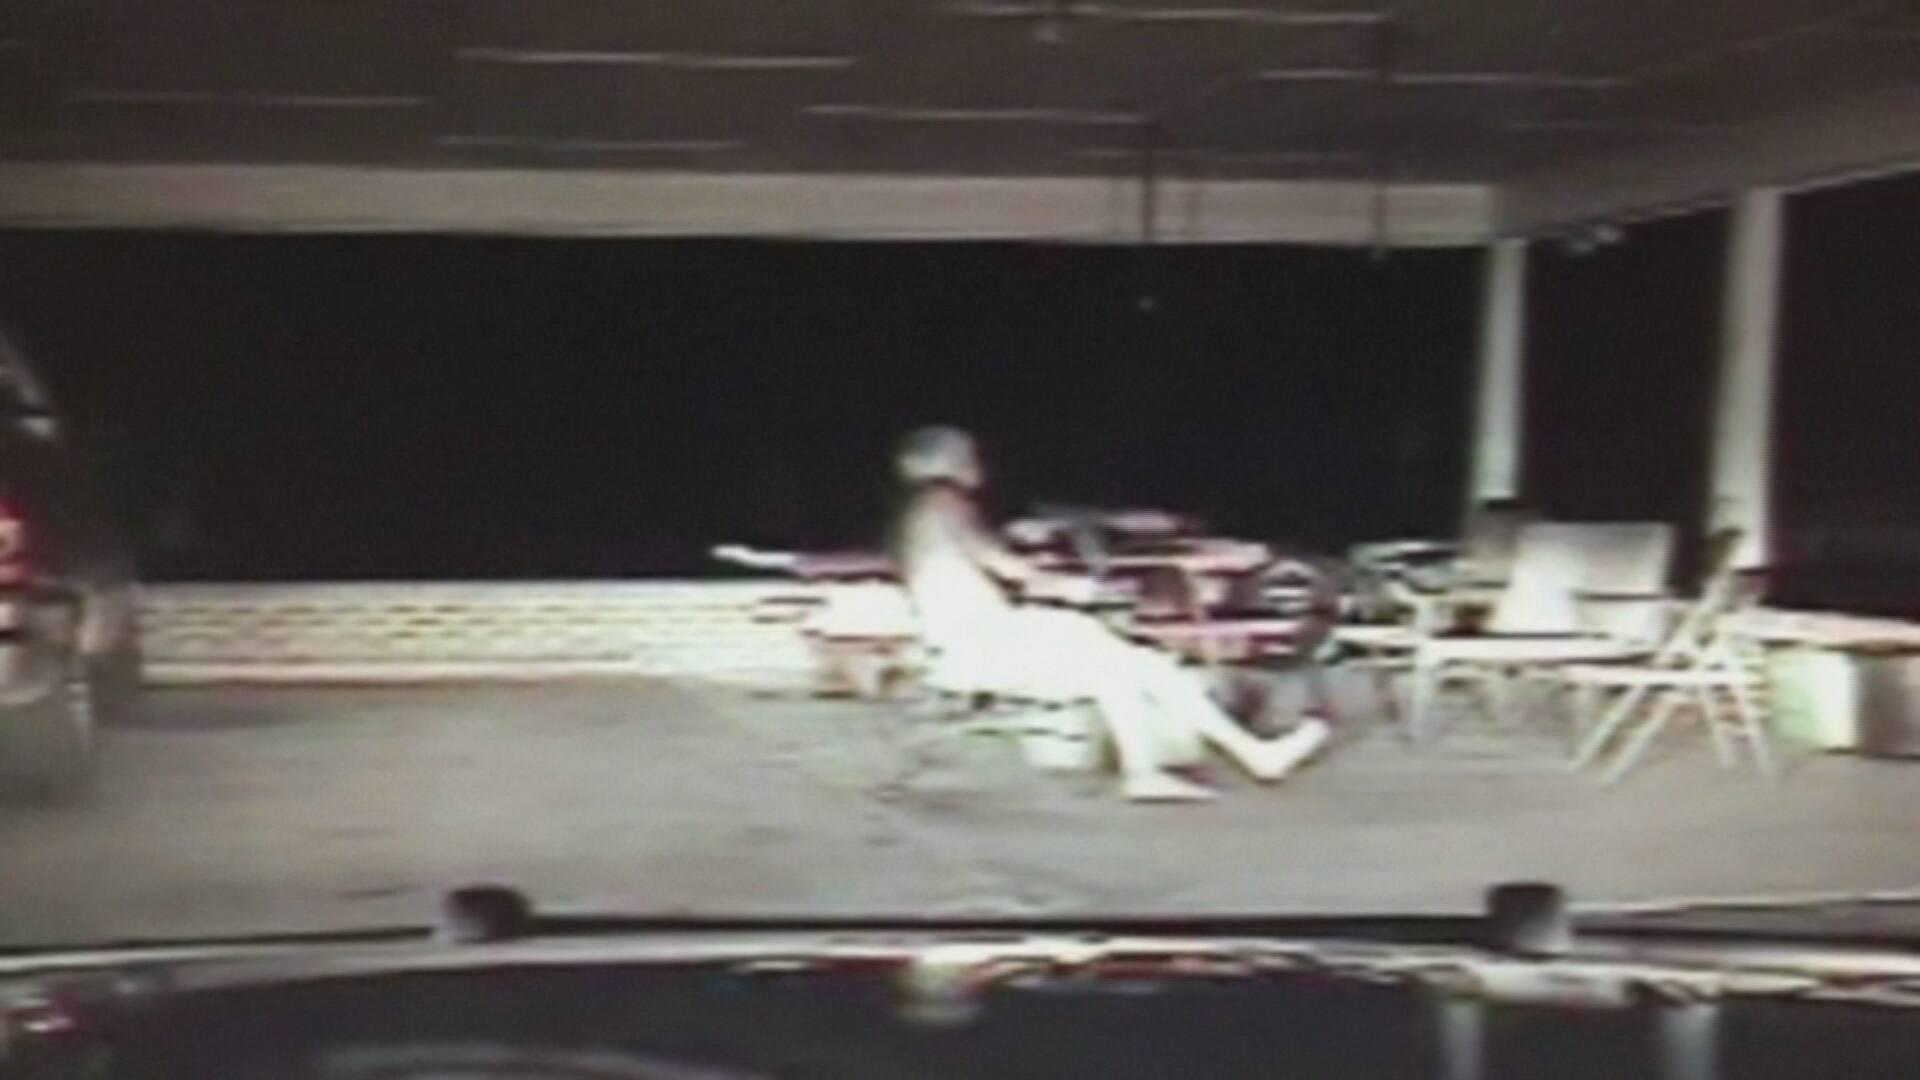 Must Watch - Dashcam captures gunfight